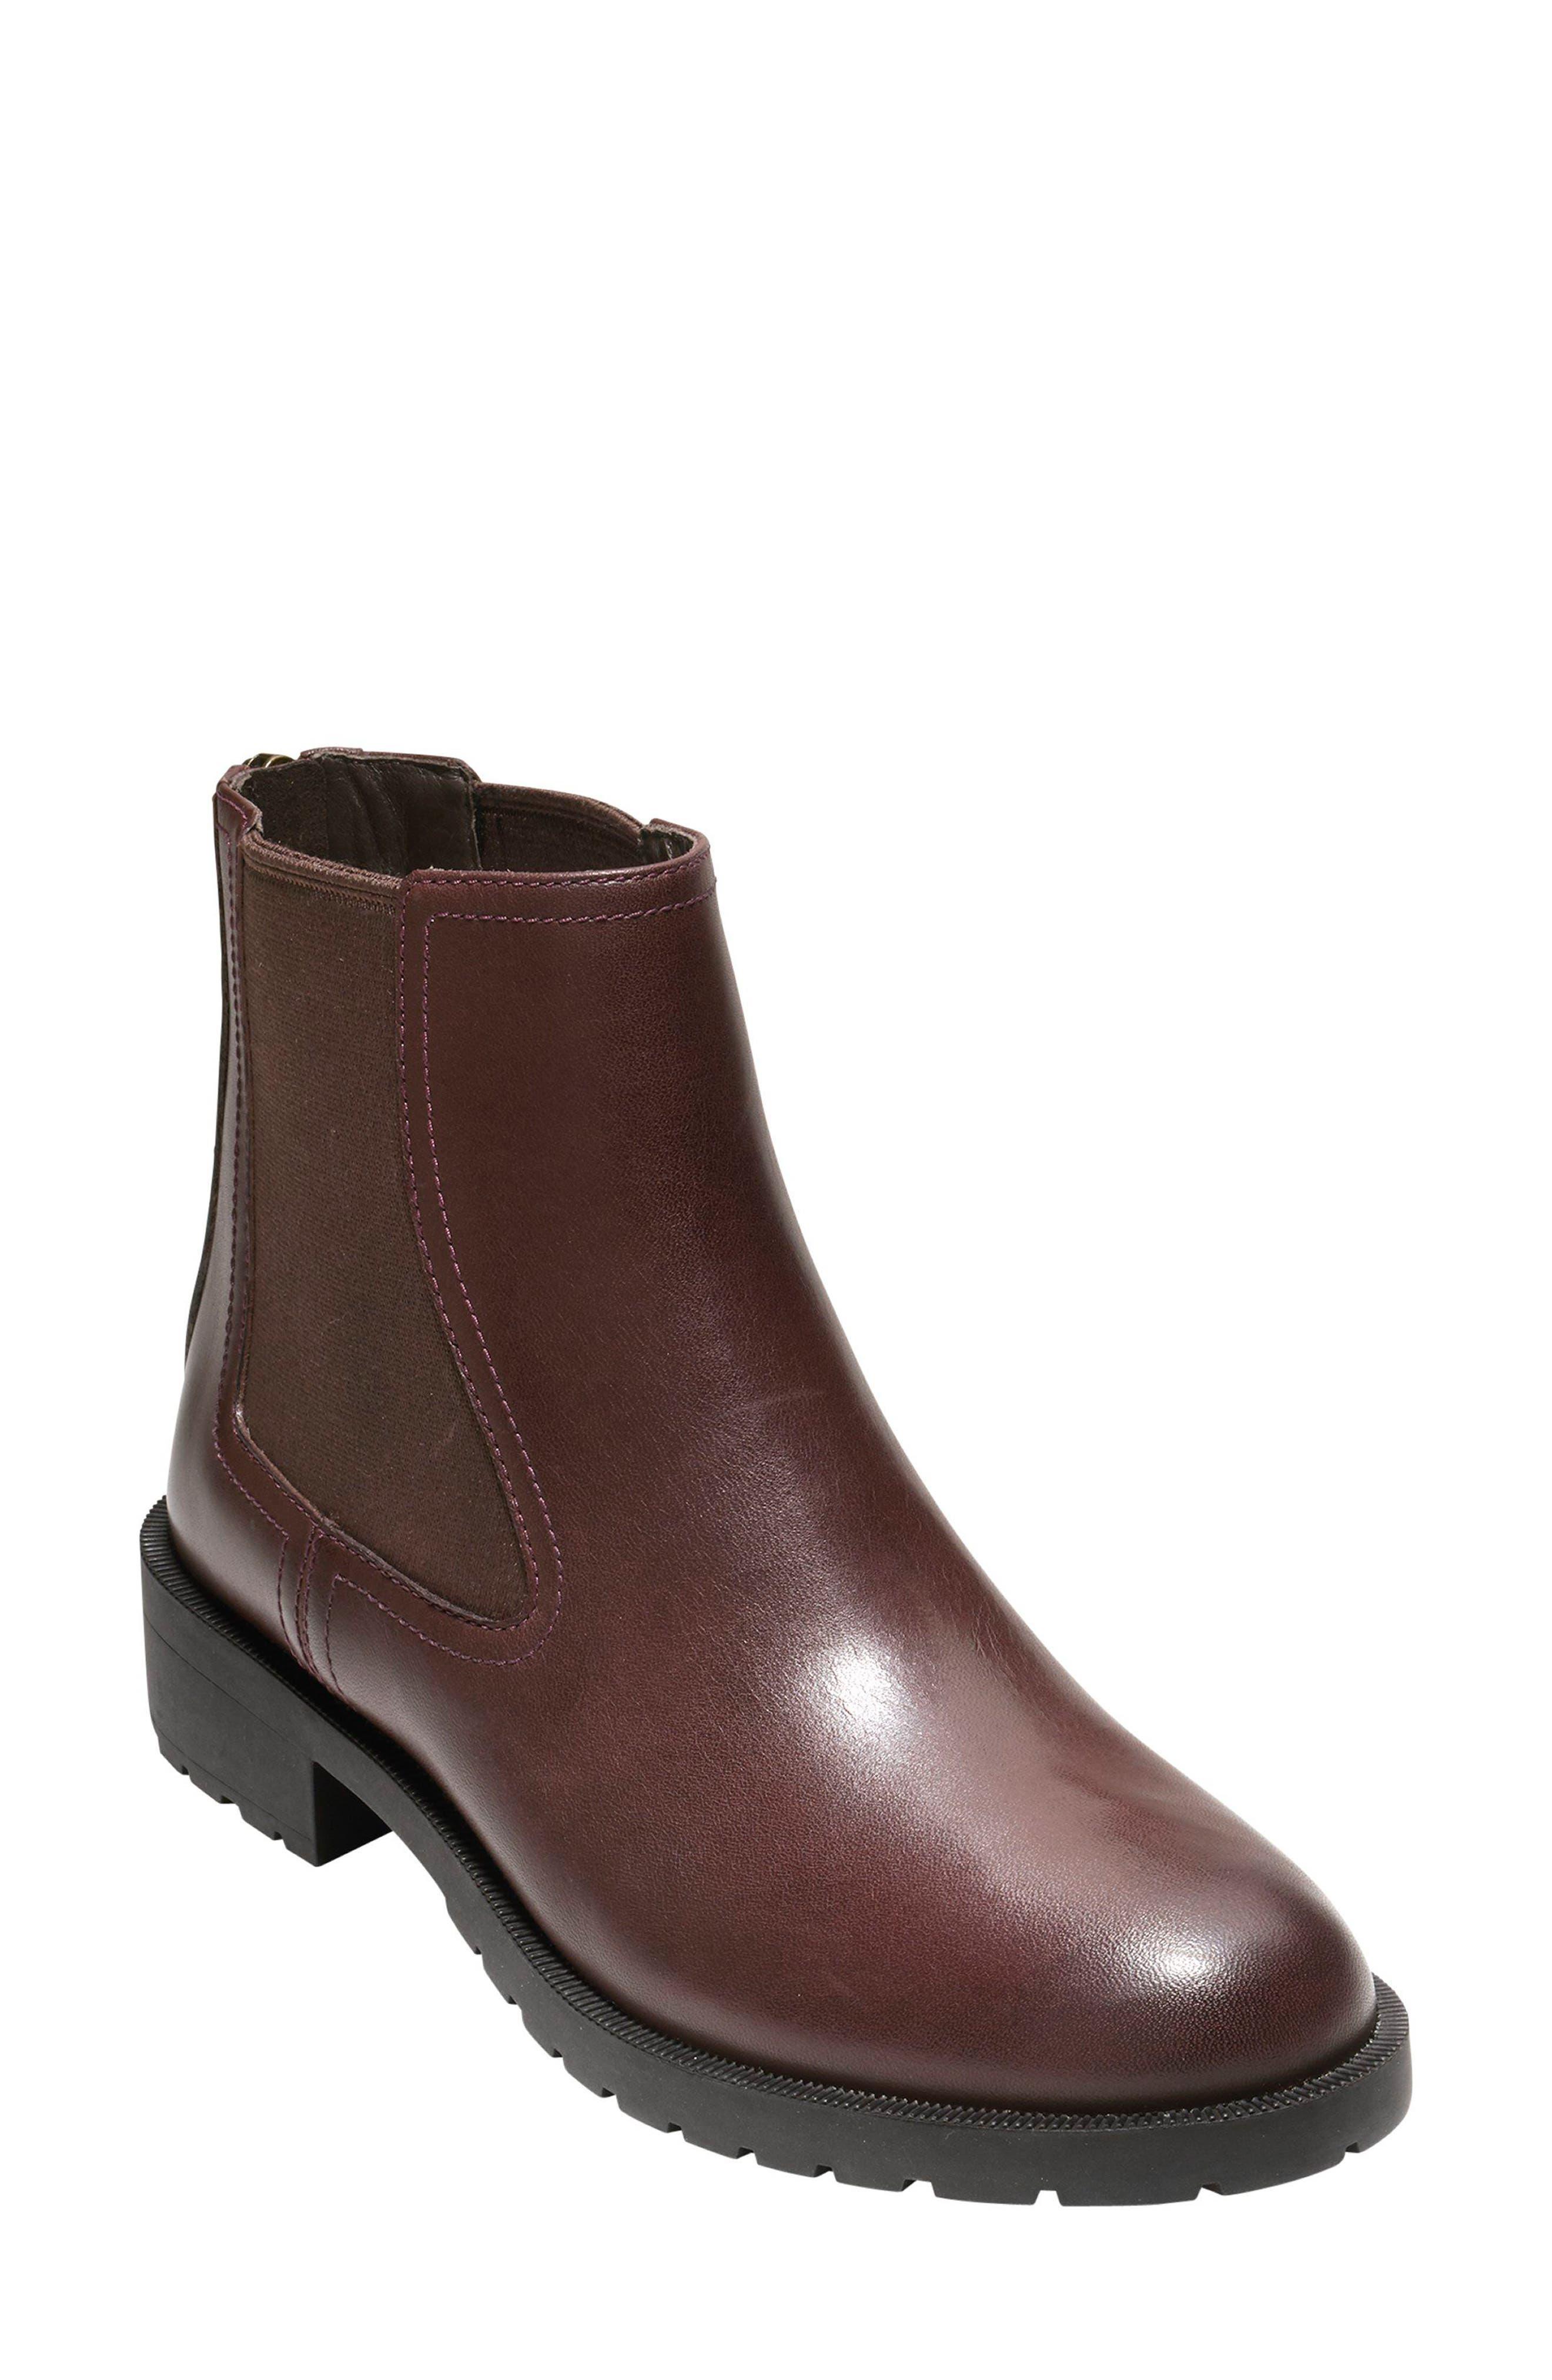 Stanton Weatherproof Chelsea Boot